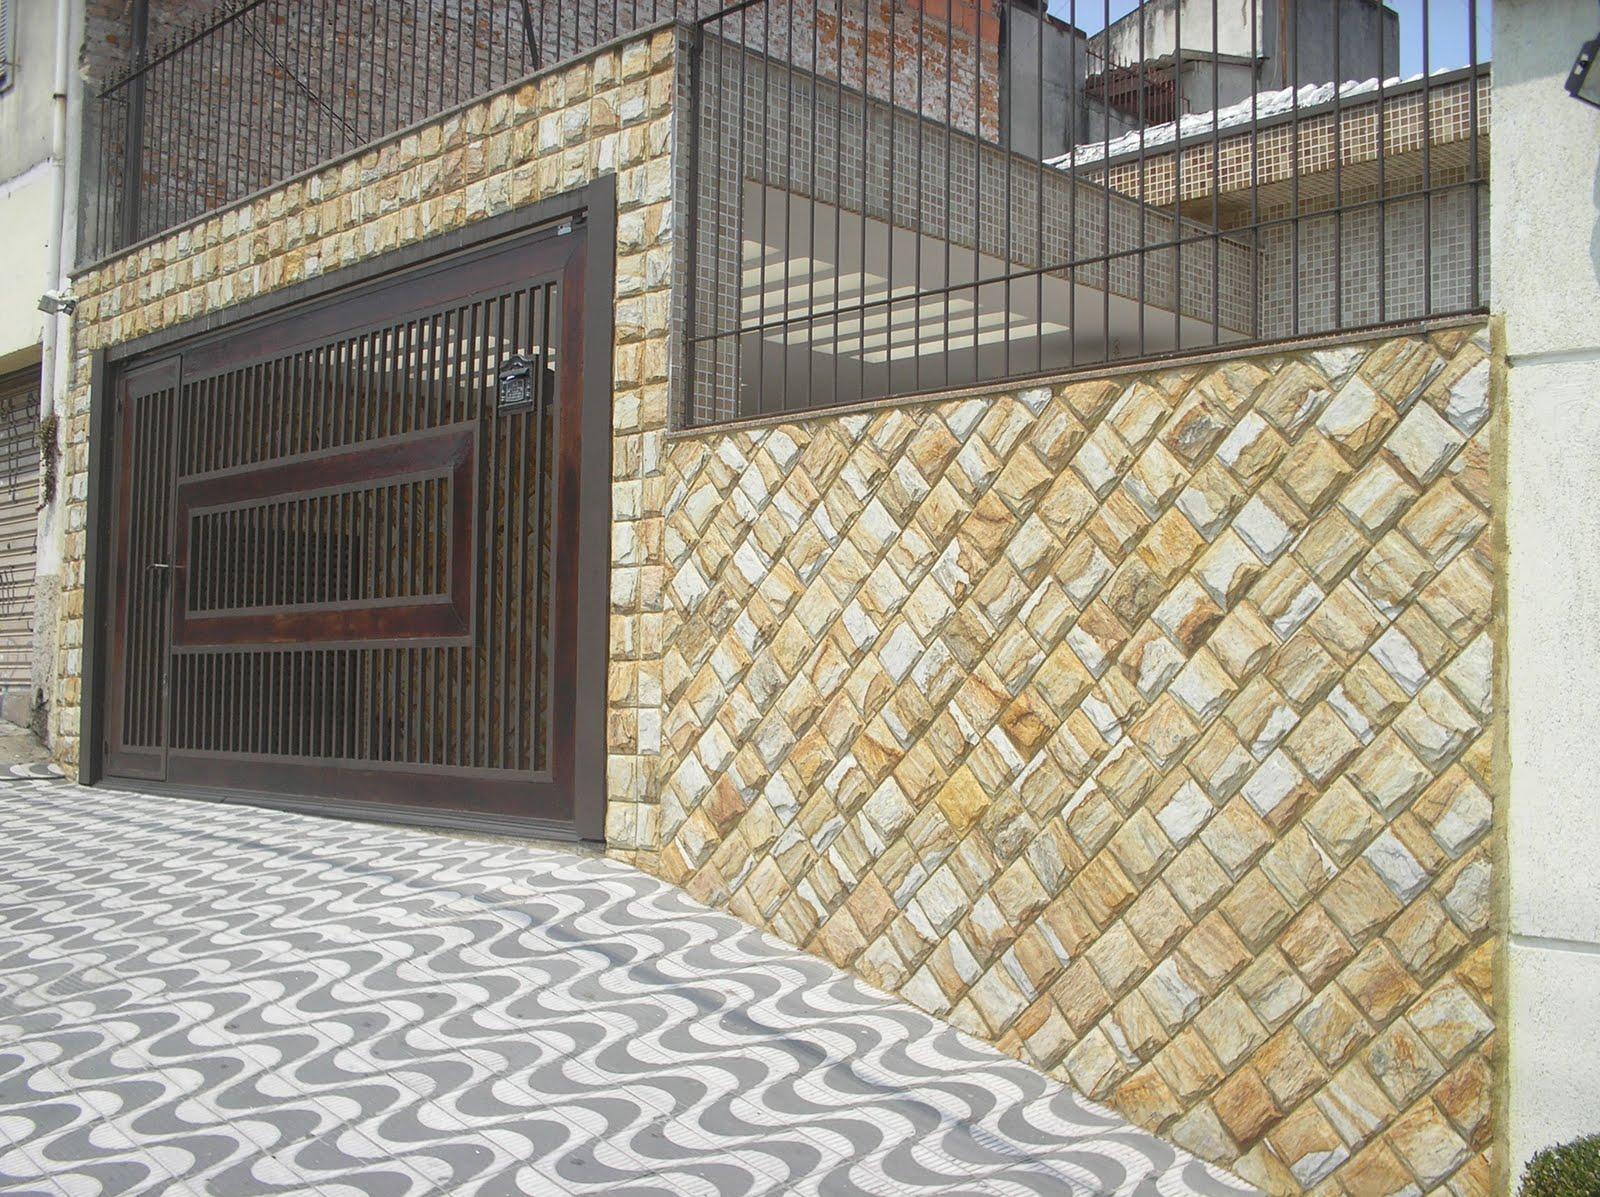 Pedras Decorativas: PEDRA MADEIRA BRUTA AMARELADA CORTE 15X15  #40638B 1600x1197 Banheiro Com Lavatorio Externo